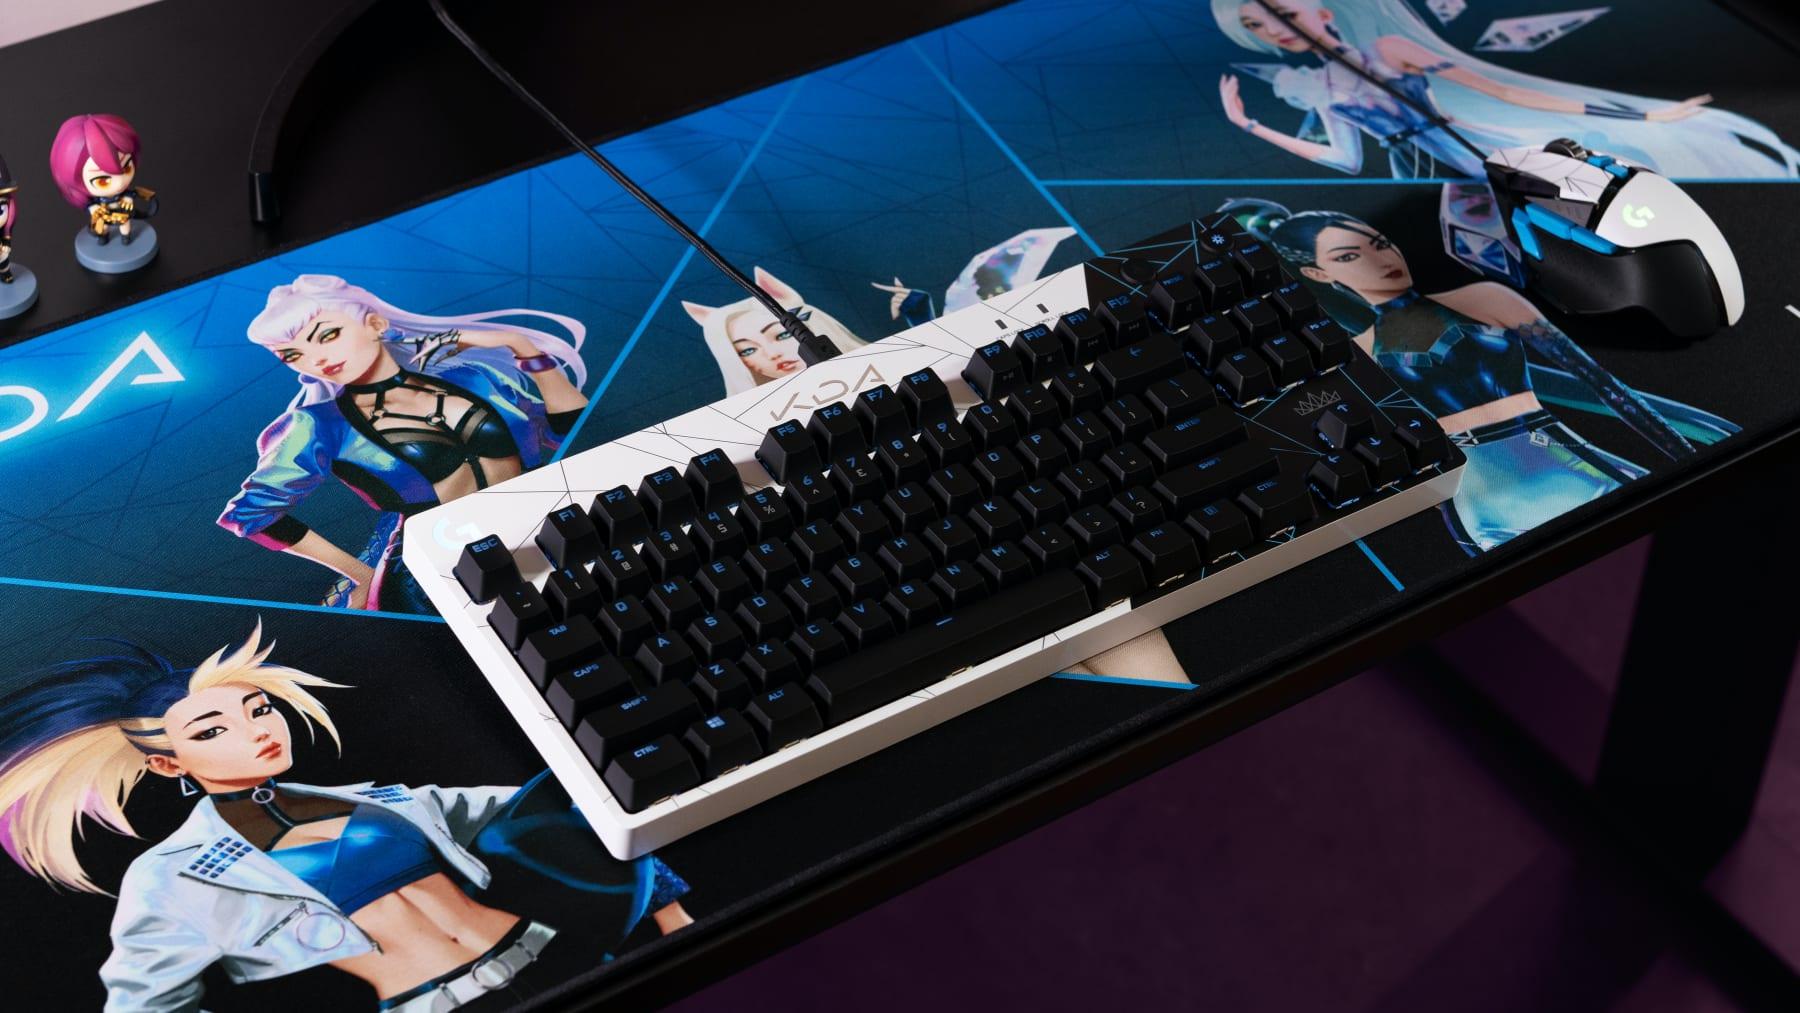 lol-g-kda-slider3-desktop